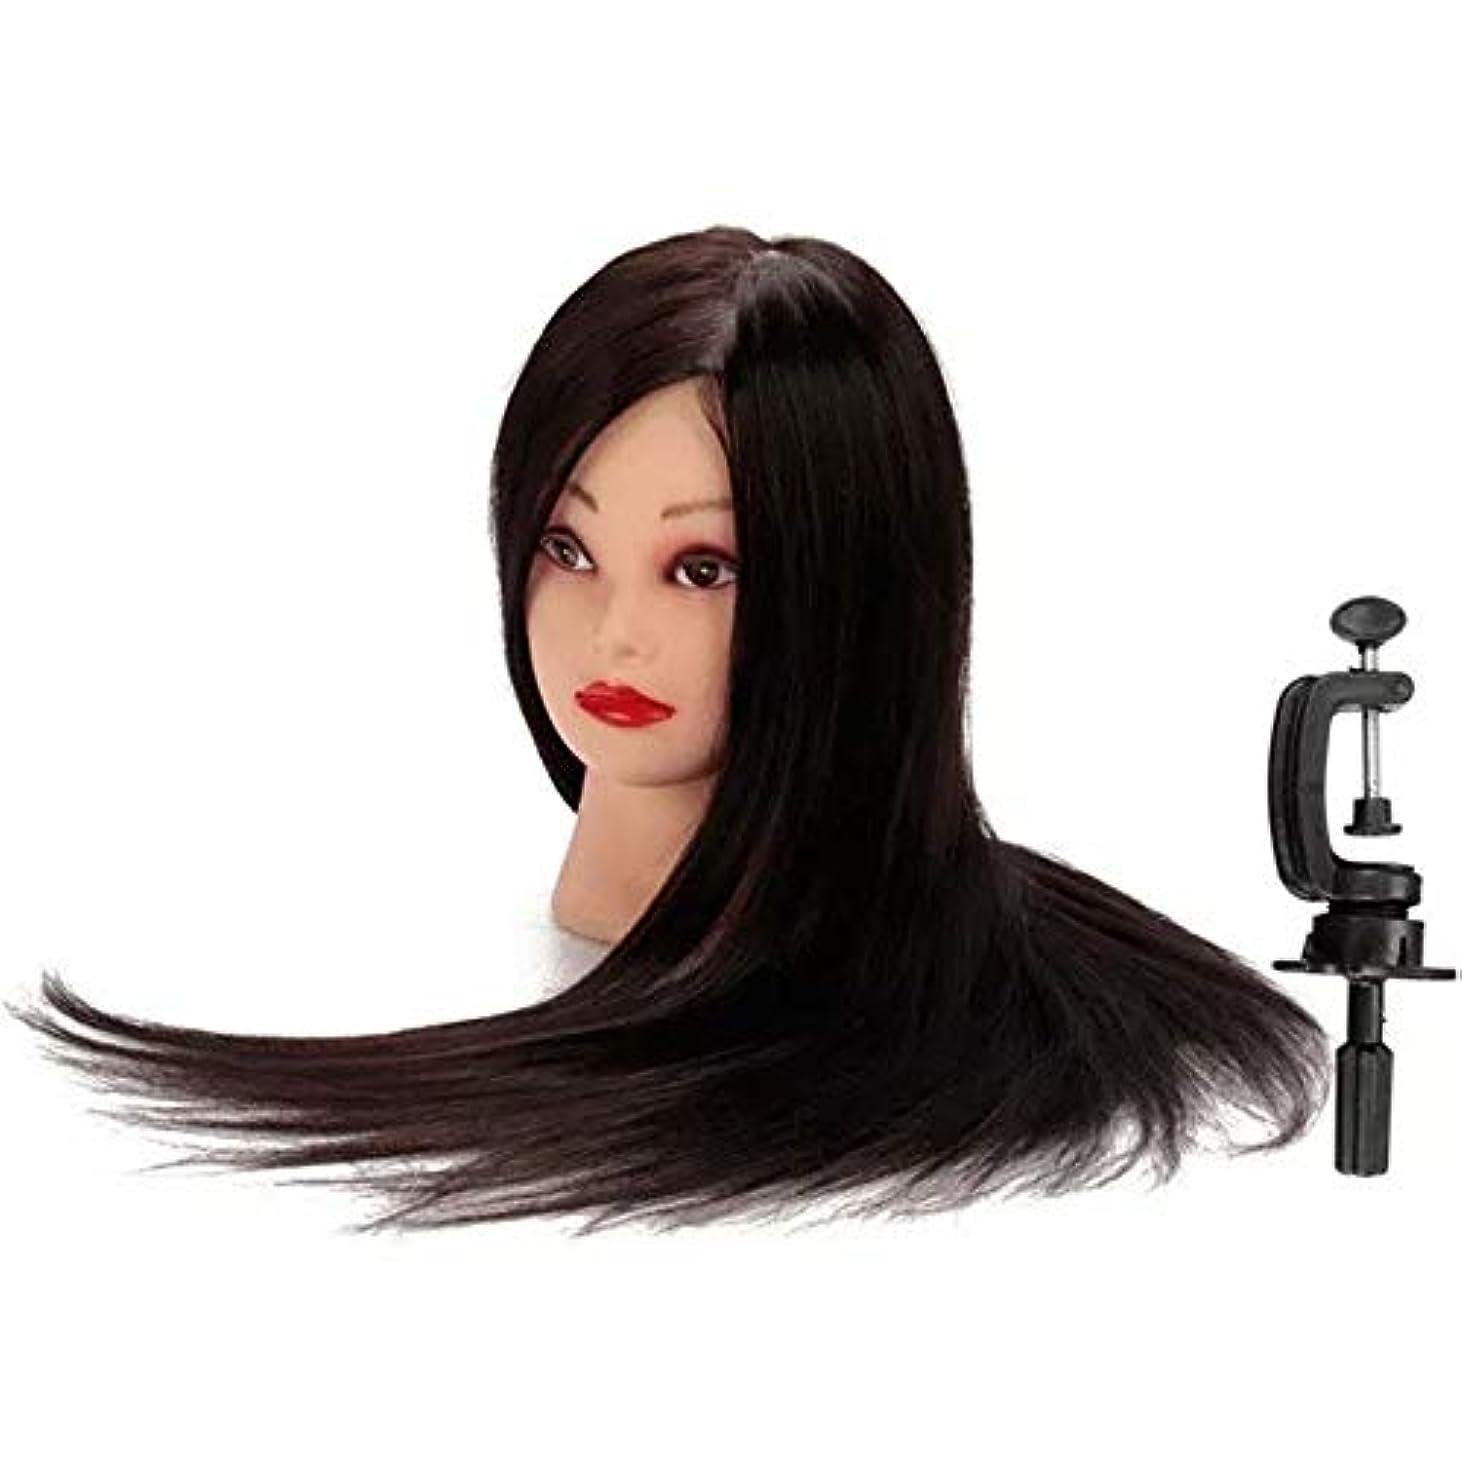 遮る道徳はぁマネキンヘッド 練習マネキンモデルをカット50%ブラック本物の人間の髪の毛のトレーニング頭理髪 練習用 グマネキンヘッド (色 : ブラック, サイズ : 25*15*11cm)